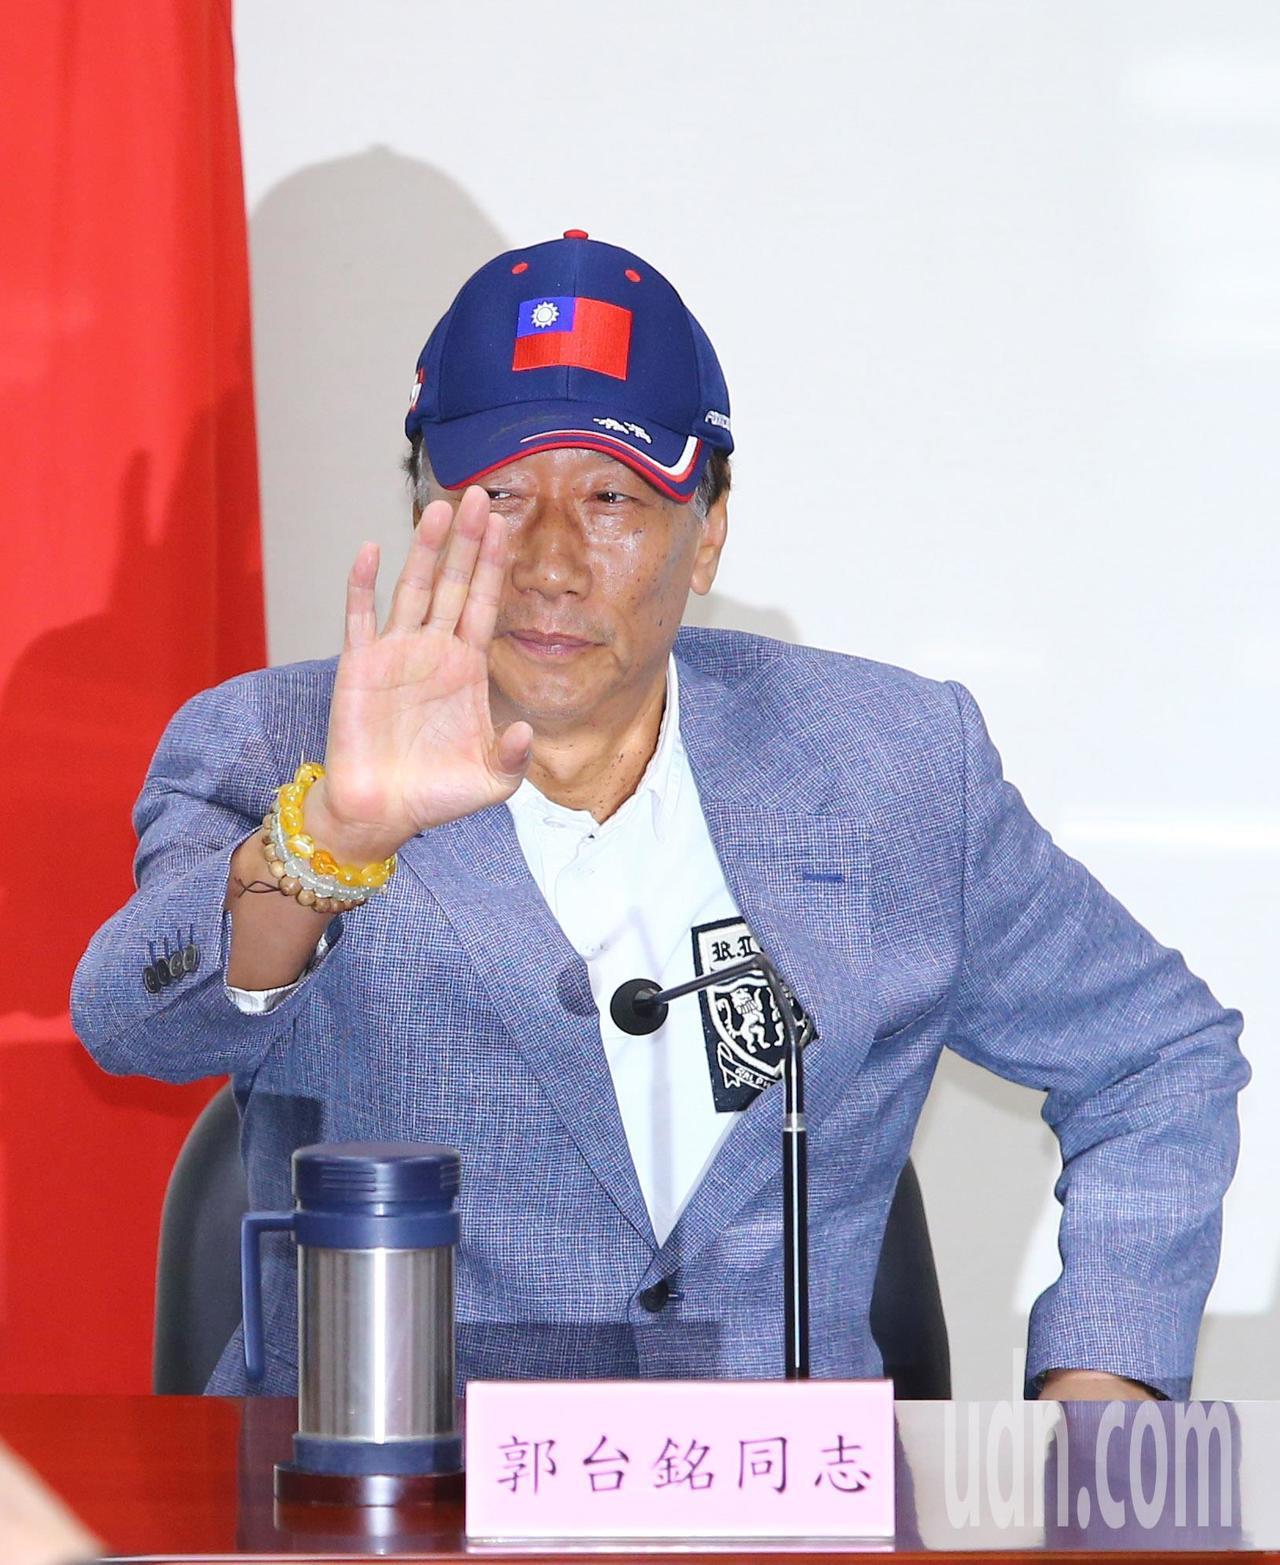 鴻海董事長郭台銘昨天出席中常會接受國民黨致贈榮譽狀。記者陳柏亨/攝影